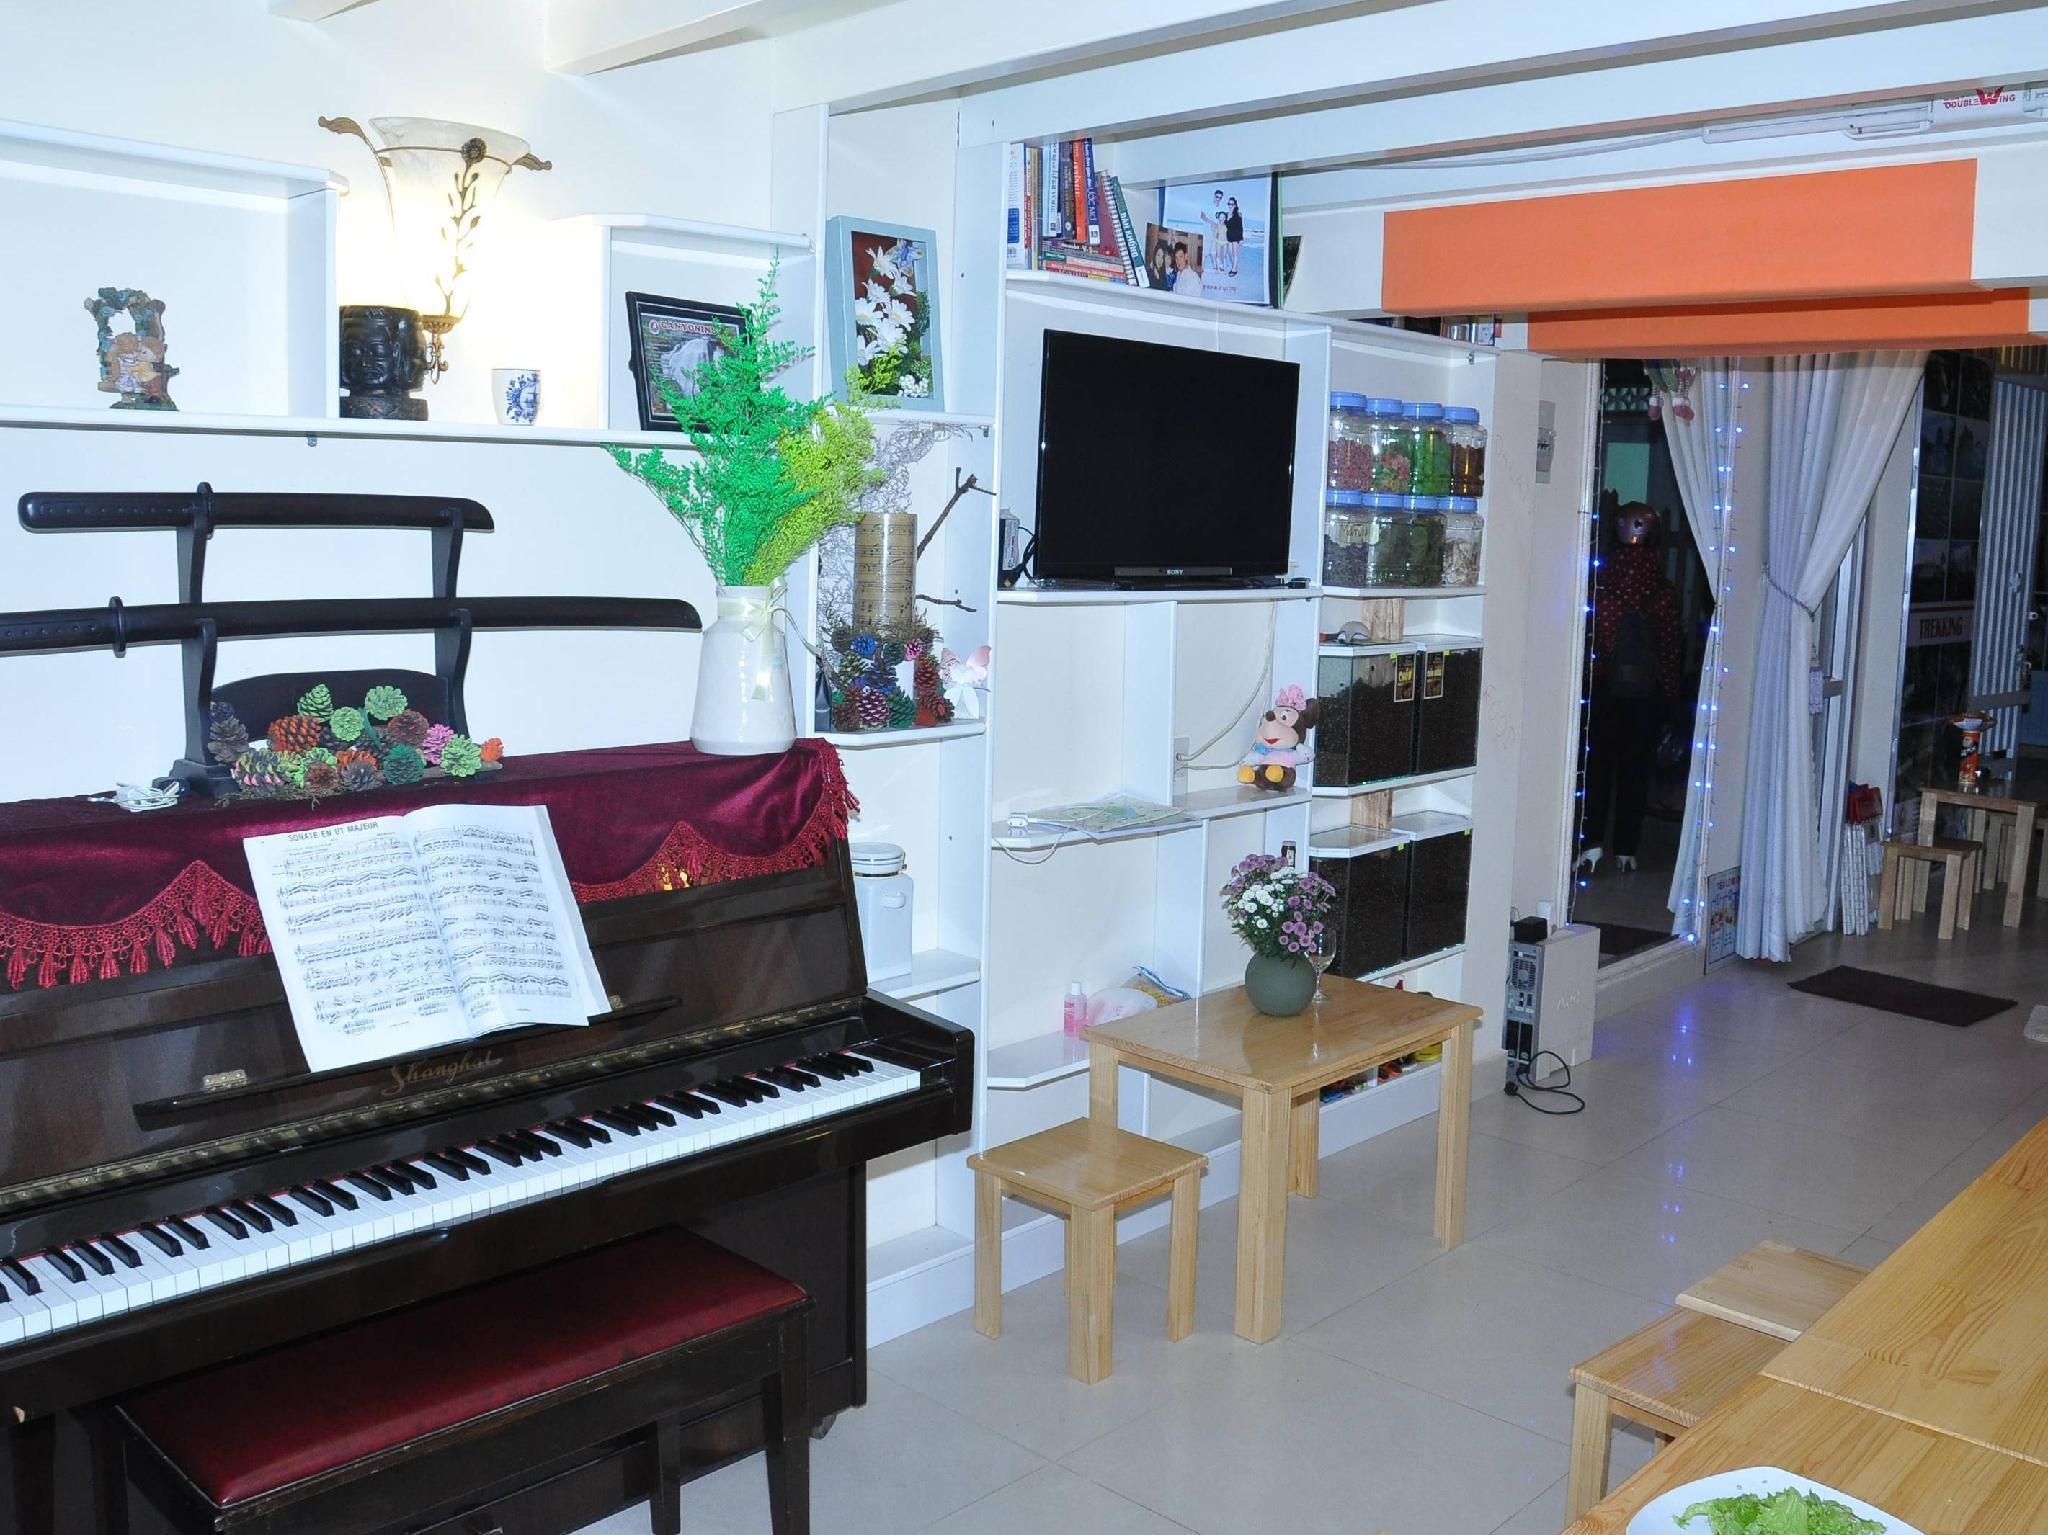 Dalat Cozy Nook Hostel - Dalat